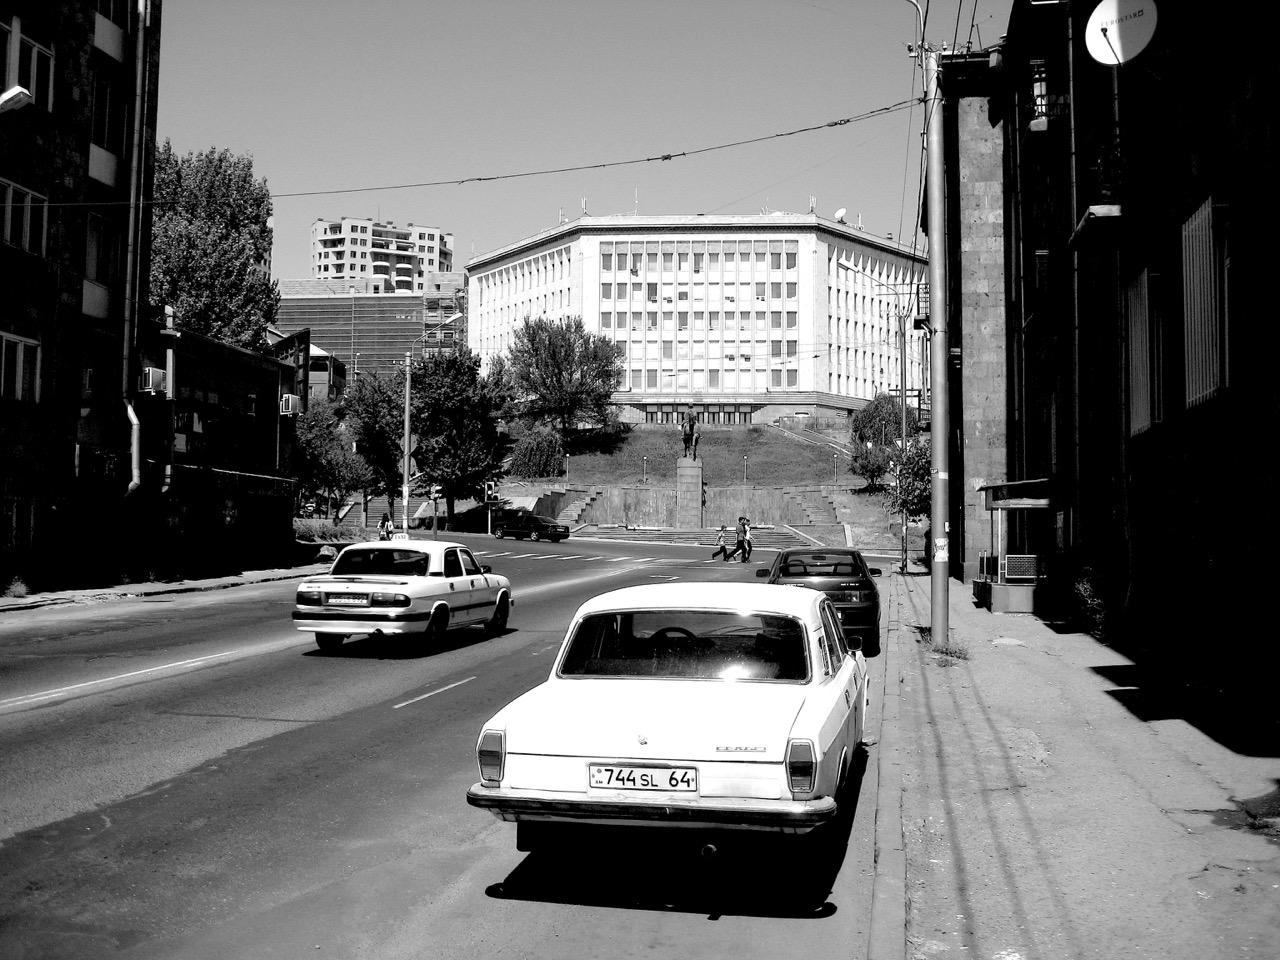 Foto: Amerikanische Universität. Aus: Eriwan. Aufzeichnungen aus Armenien von Marc Degens. Kapitel 1.